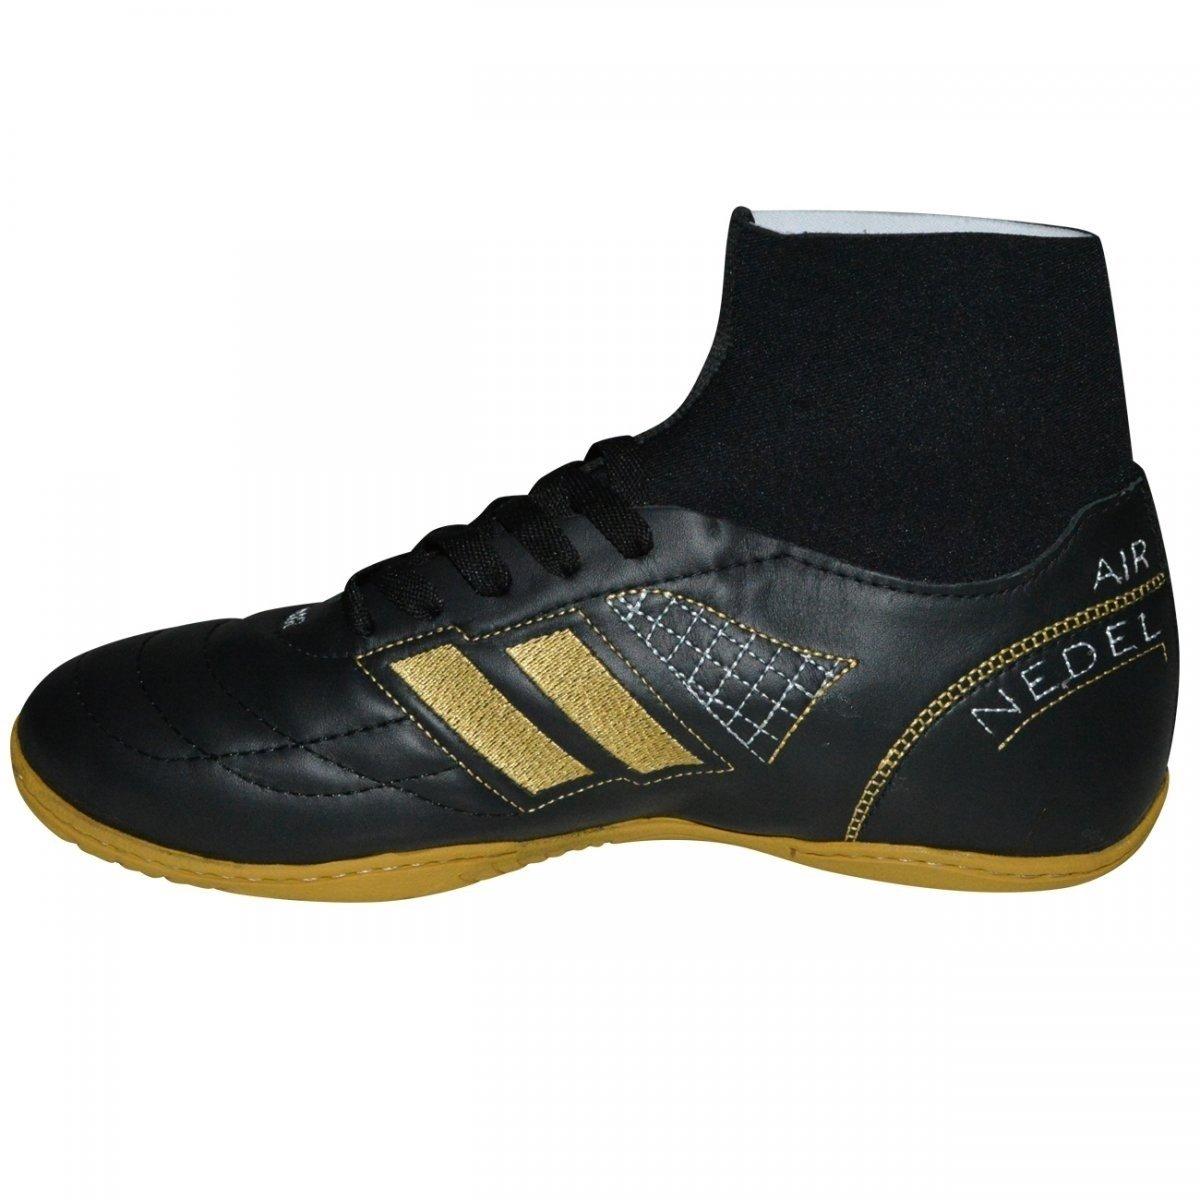 Chuteira De Futsal Nedel Bota - Compre Agora  ea560418c0261